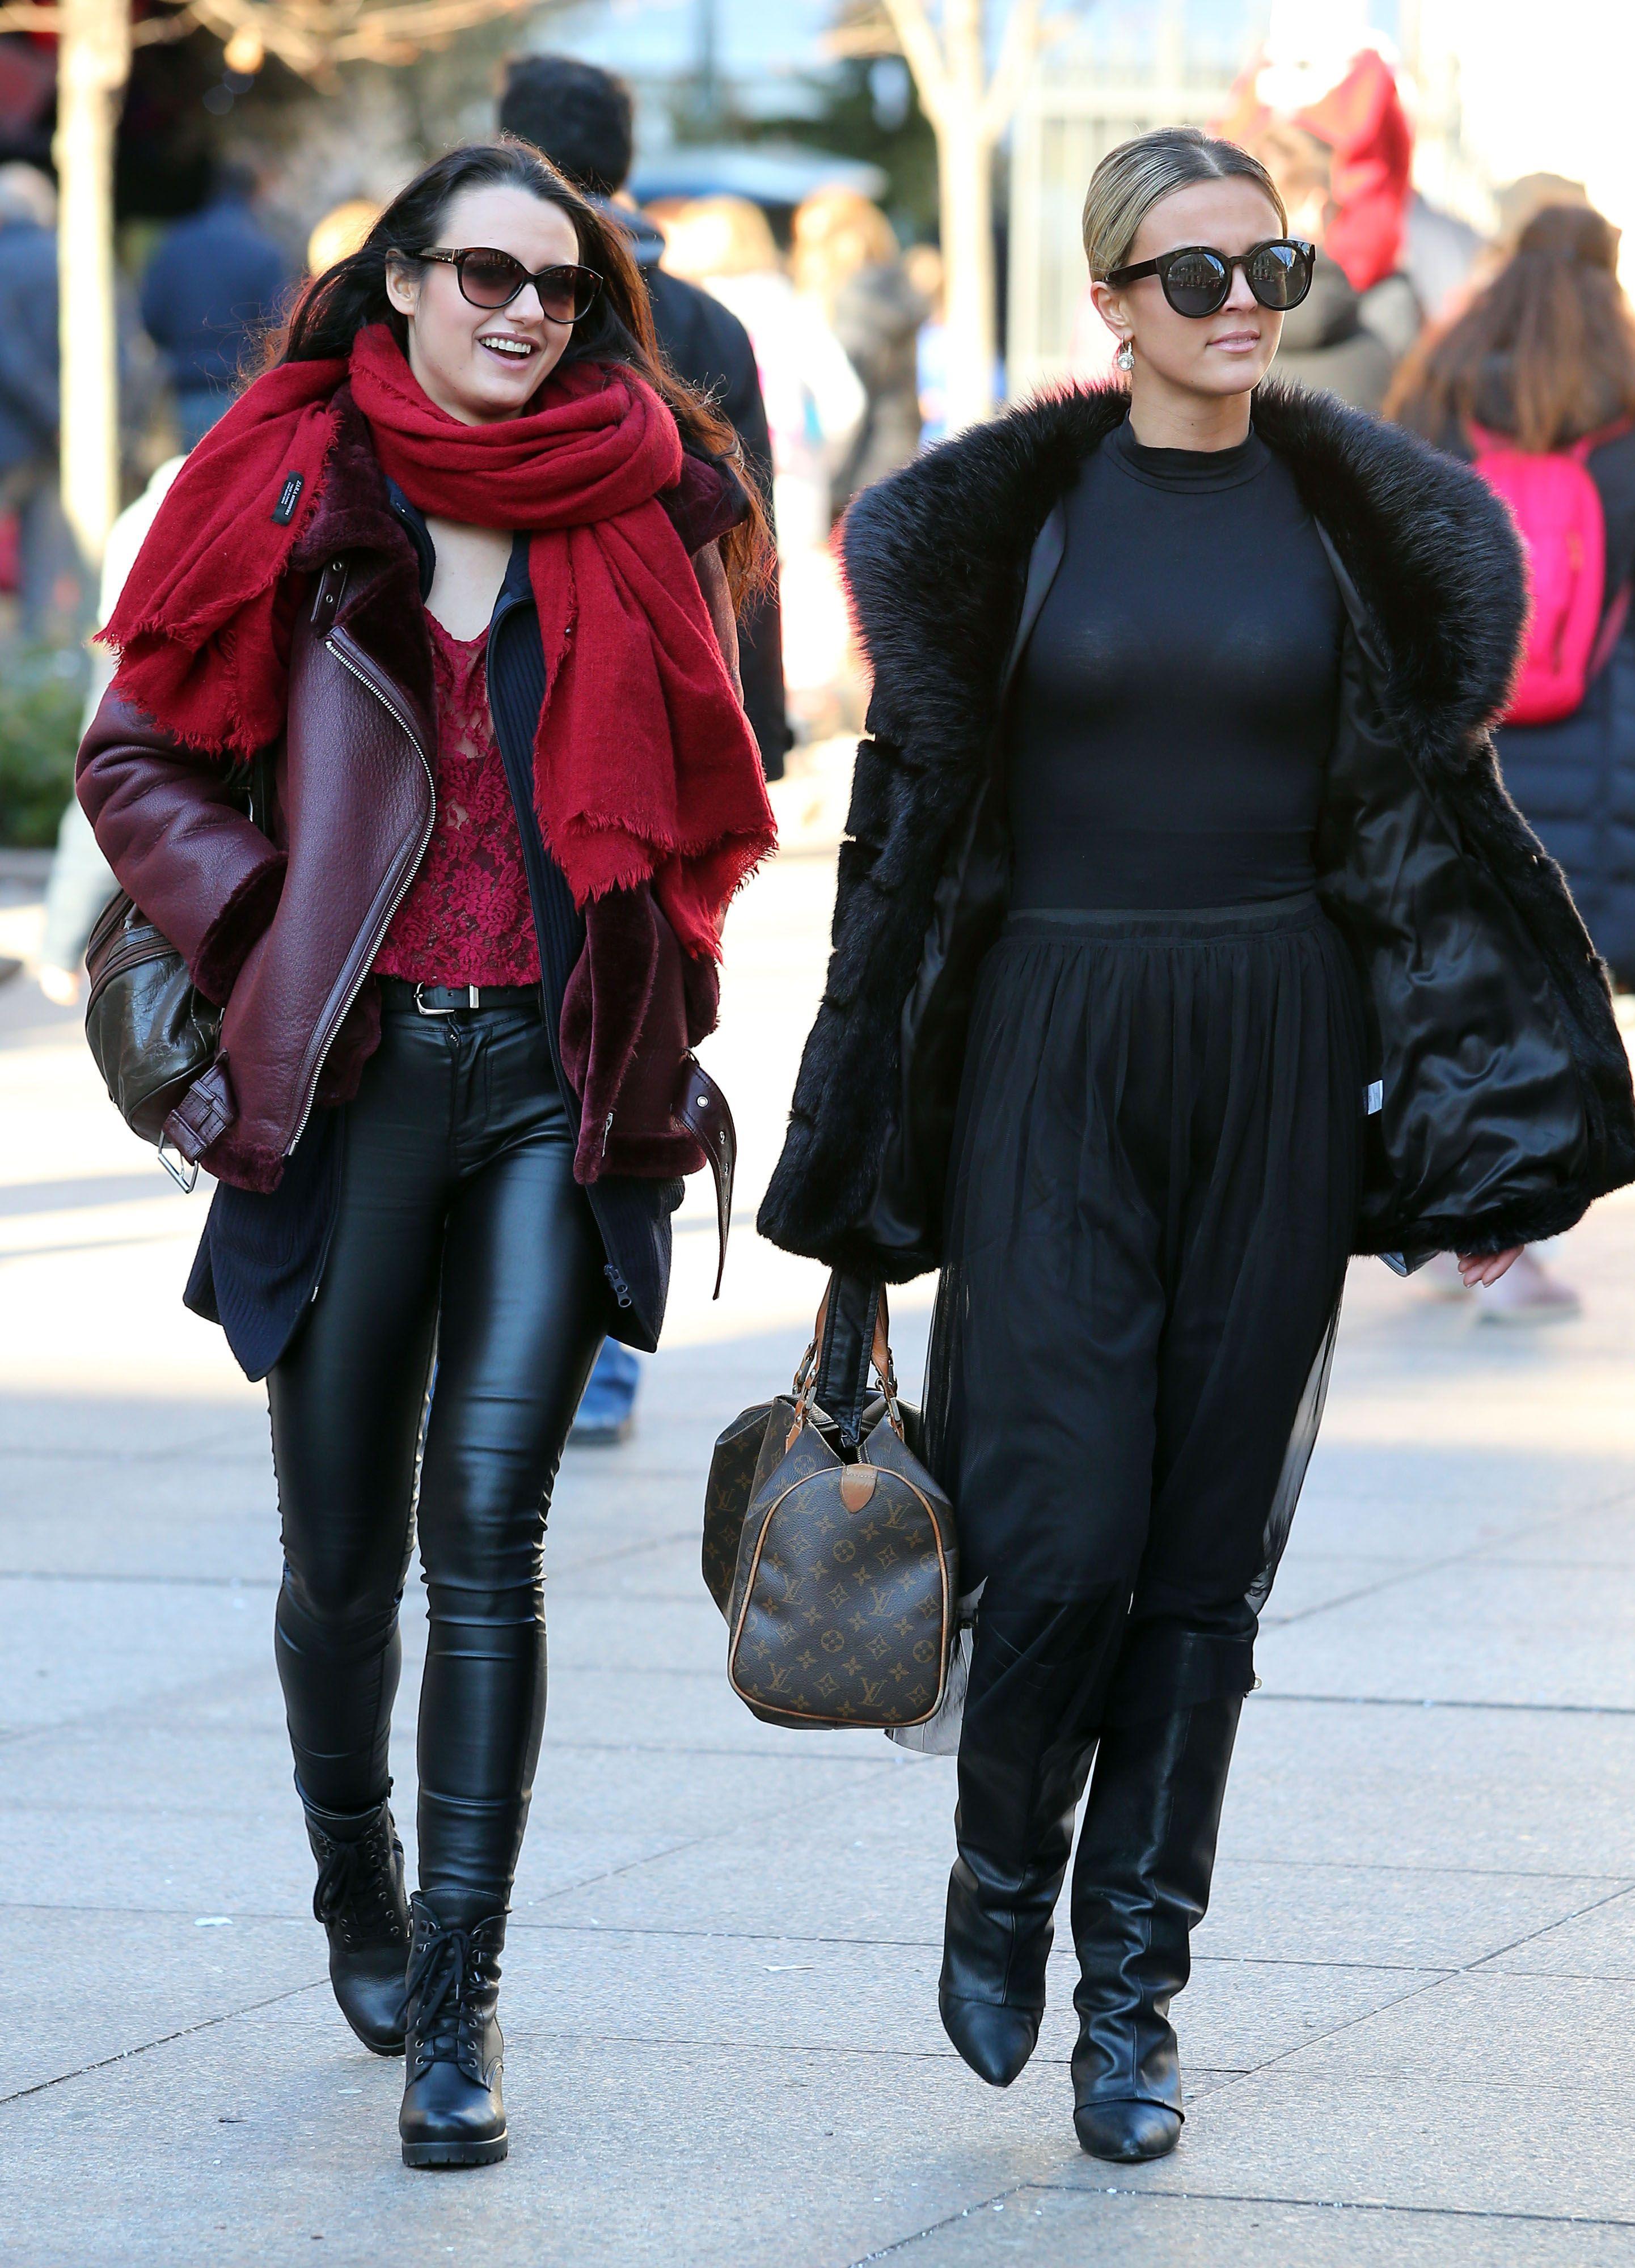 Dnevni party na ulicama: Što su Zagrepčani nosili zadnjeg dana u godini